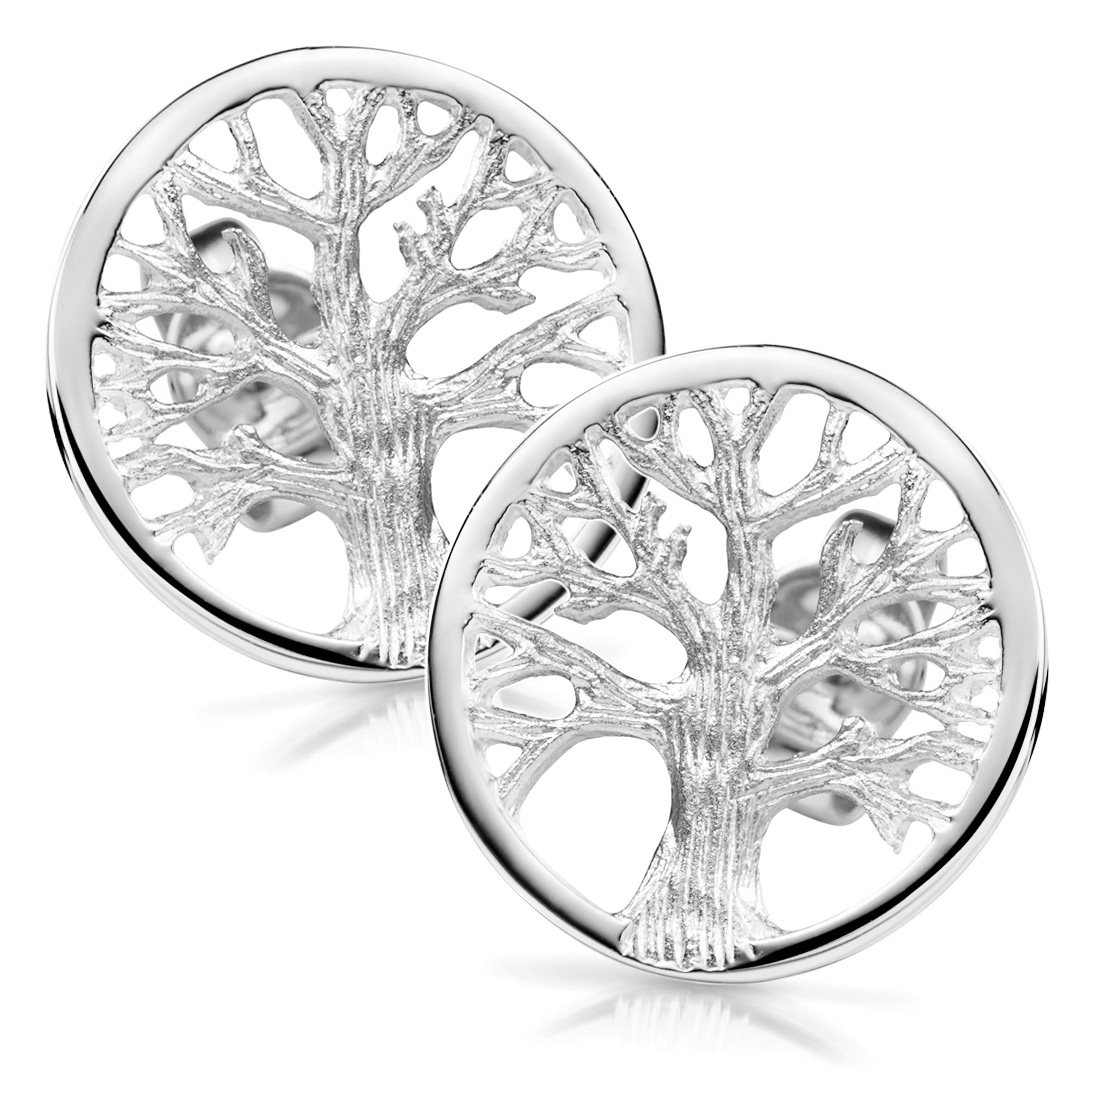 MATERIA Lebensbaum Ohrstecker 925 Silber rund keltisch 14mm